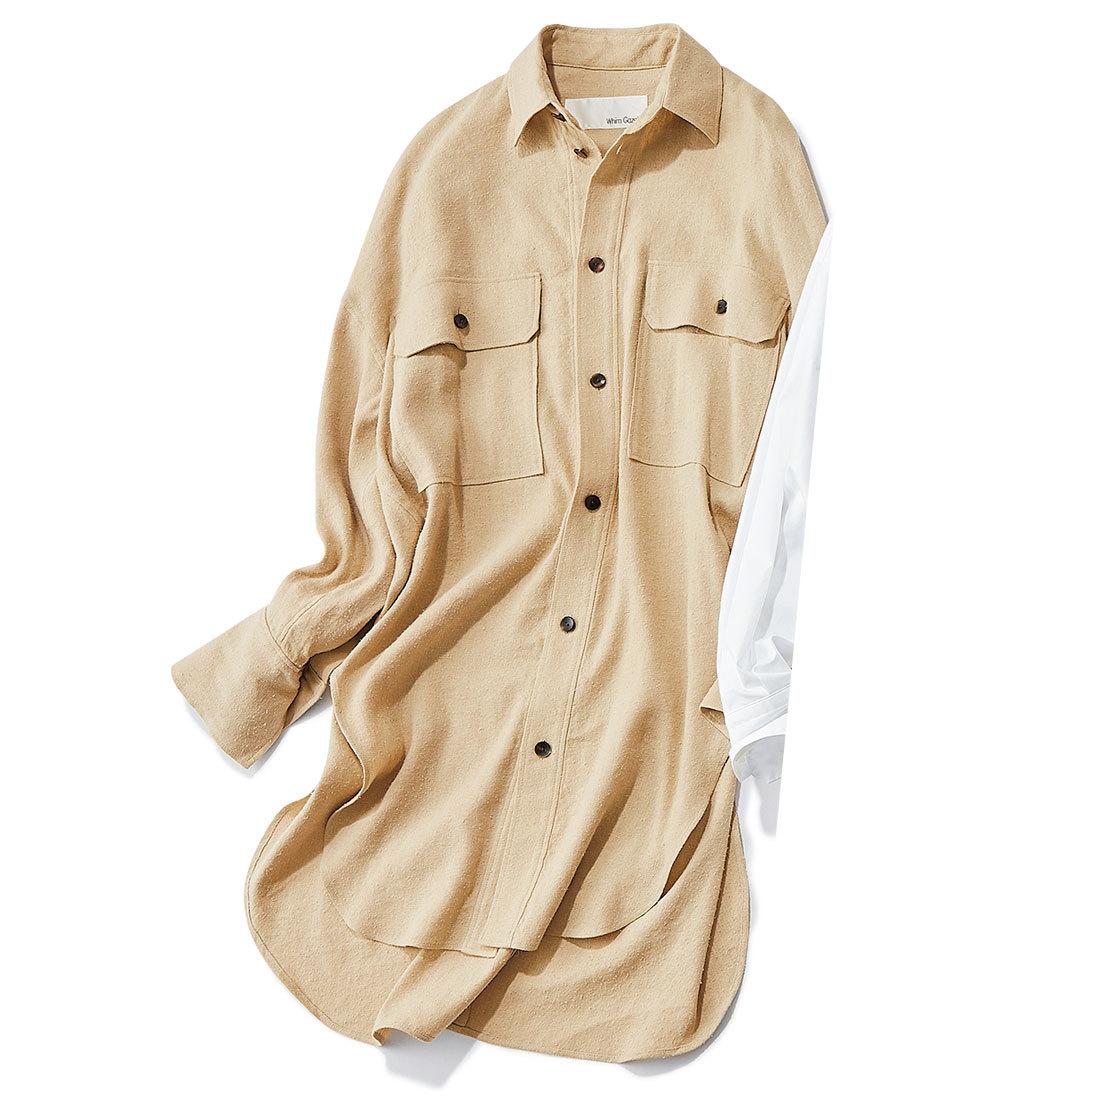 ■ウィム ガゼットのリネン×シルクロングシャツ